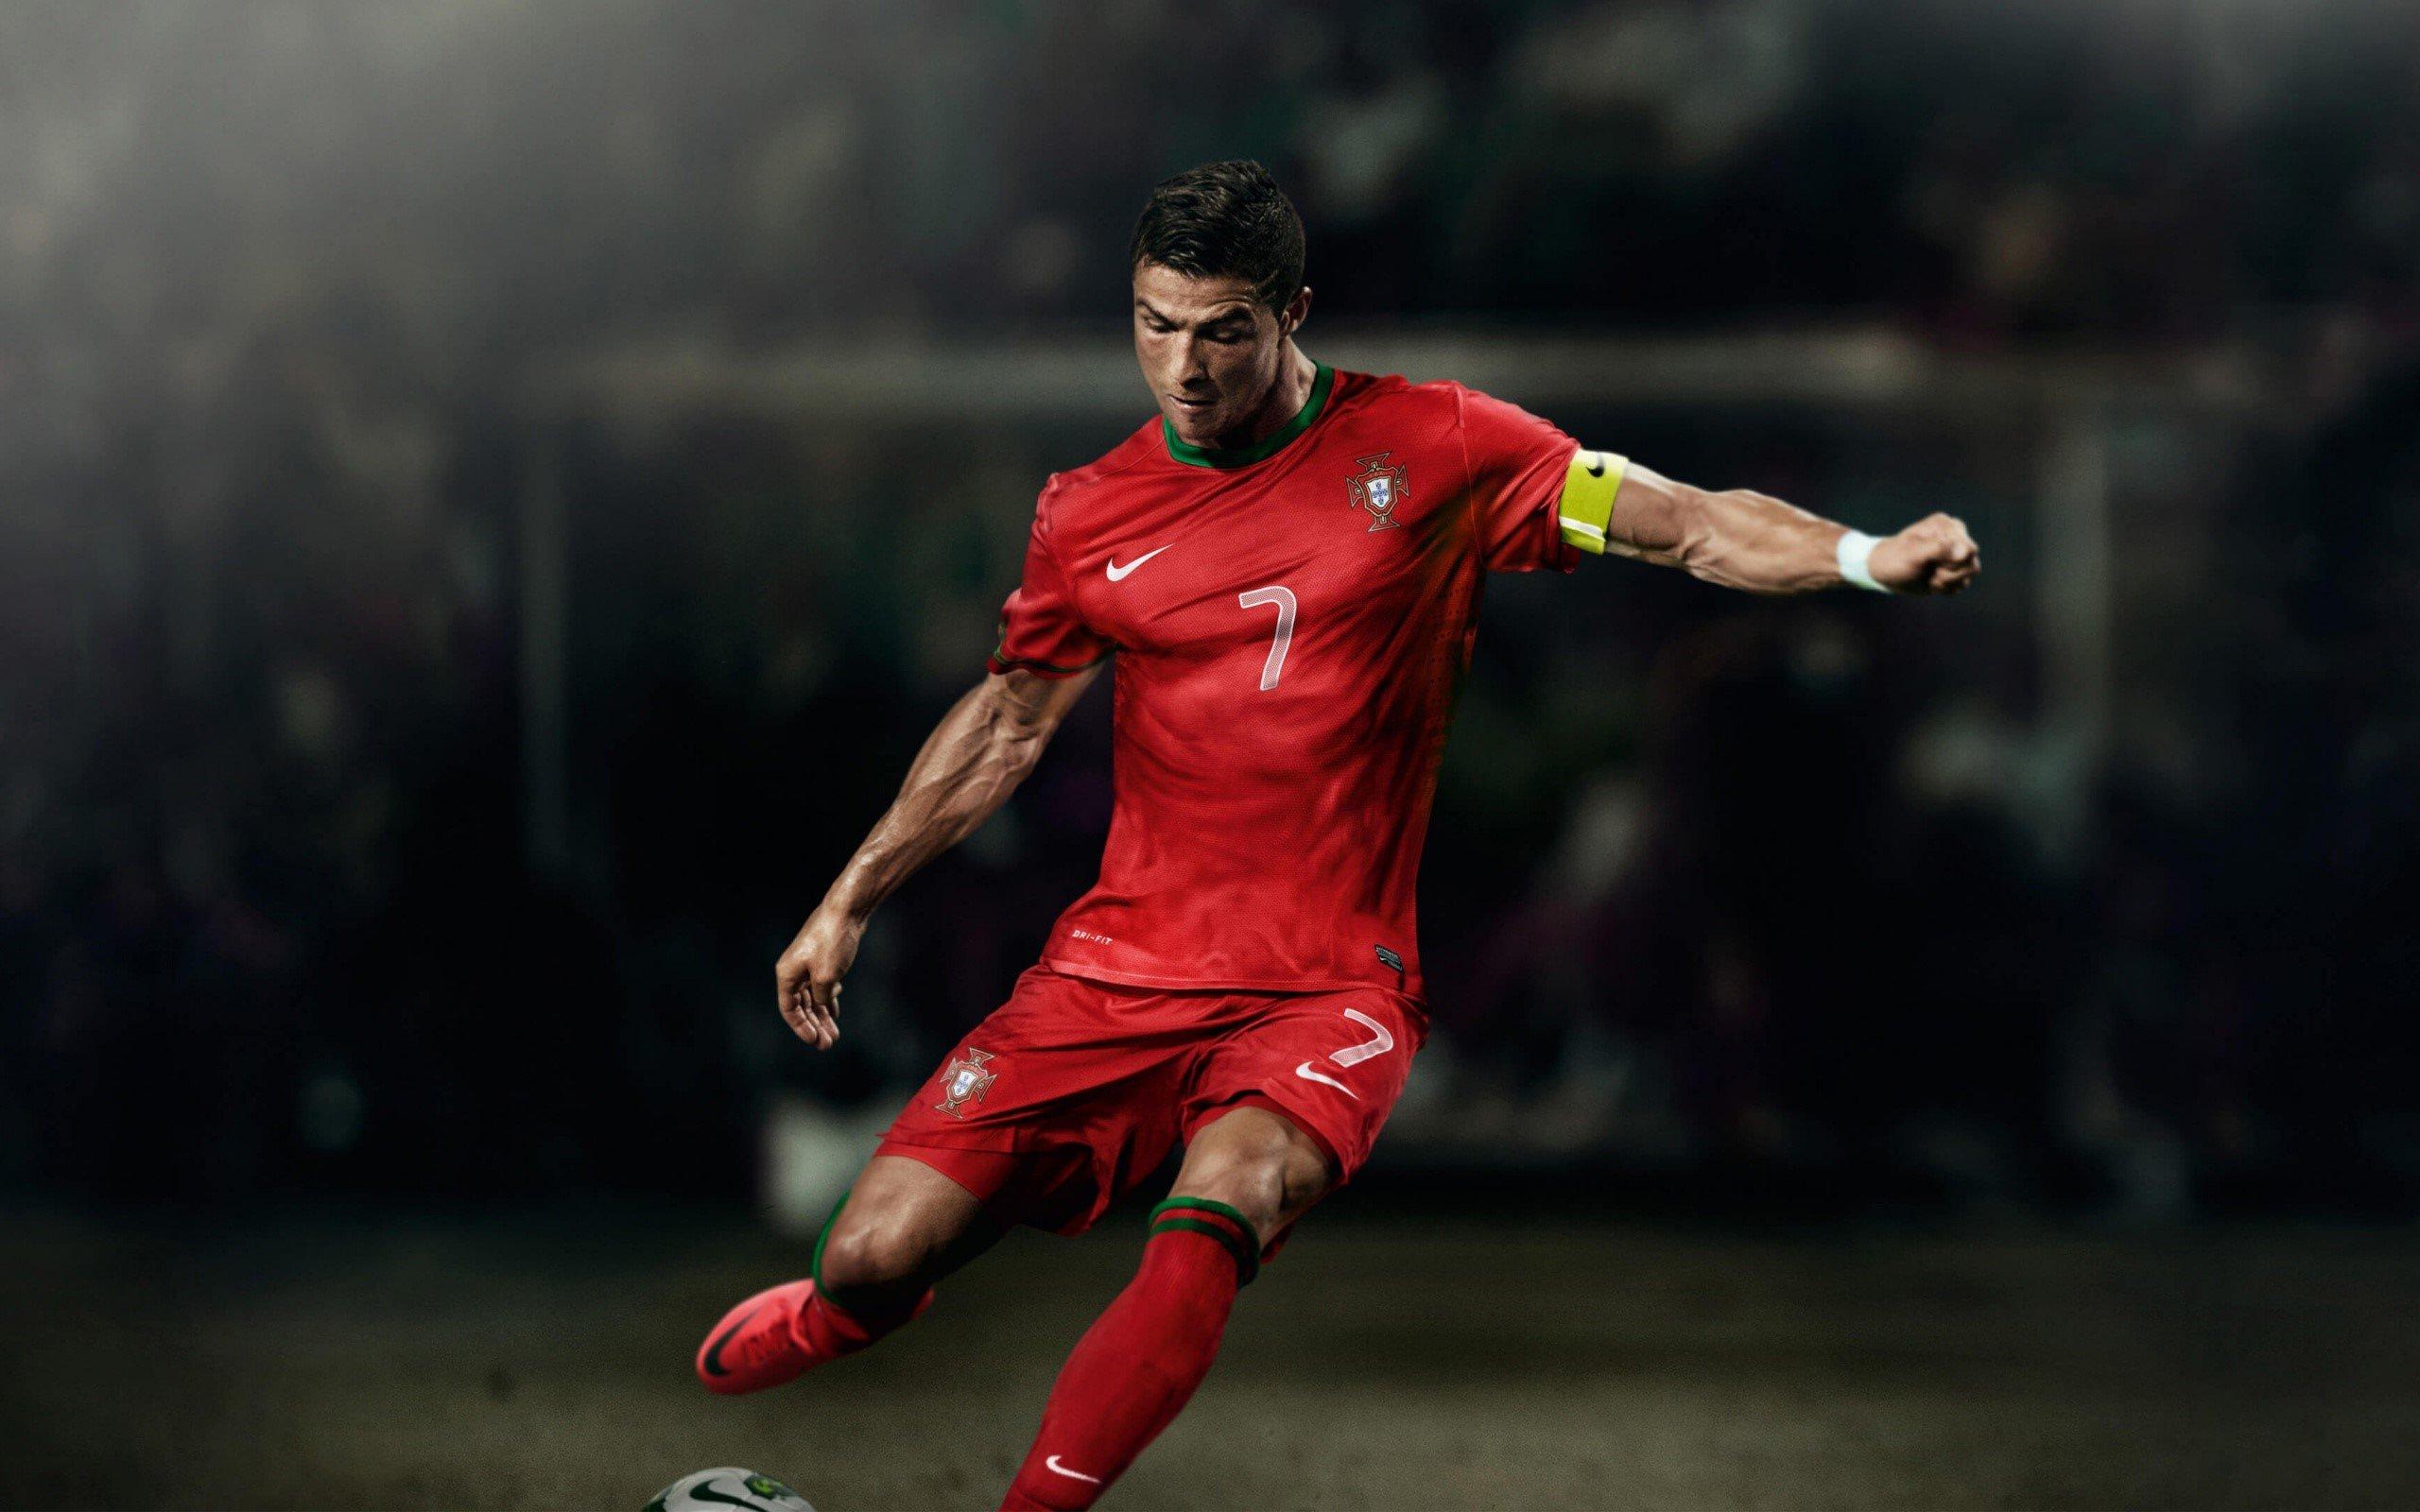 Wallpaper Futbolista Cristiano Ronaldo